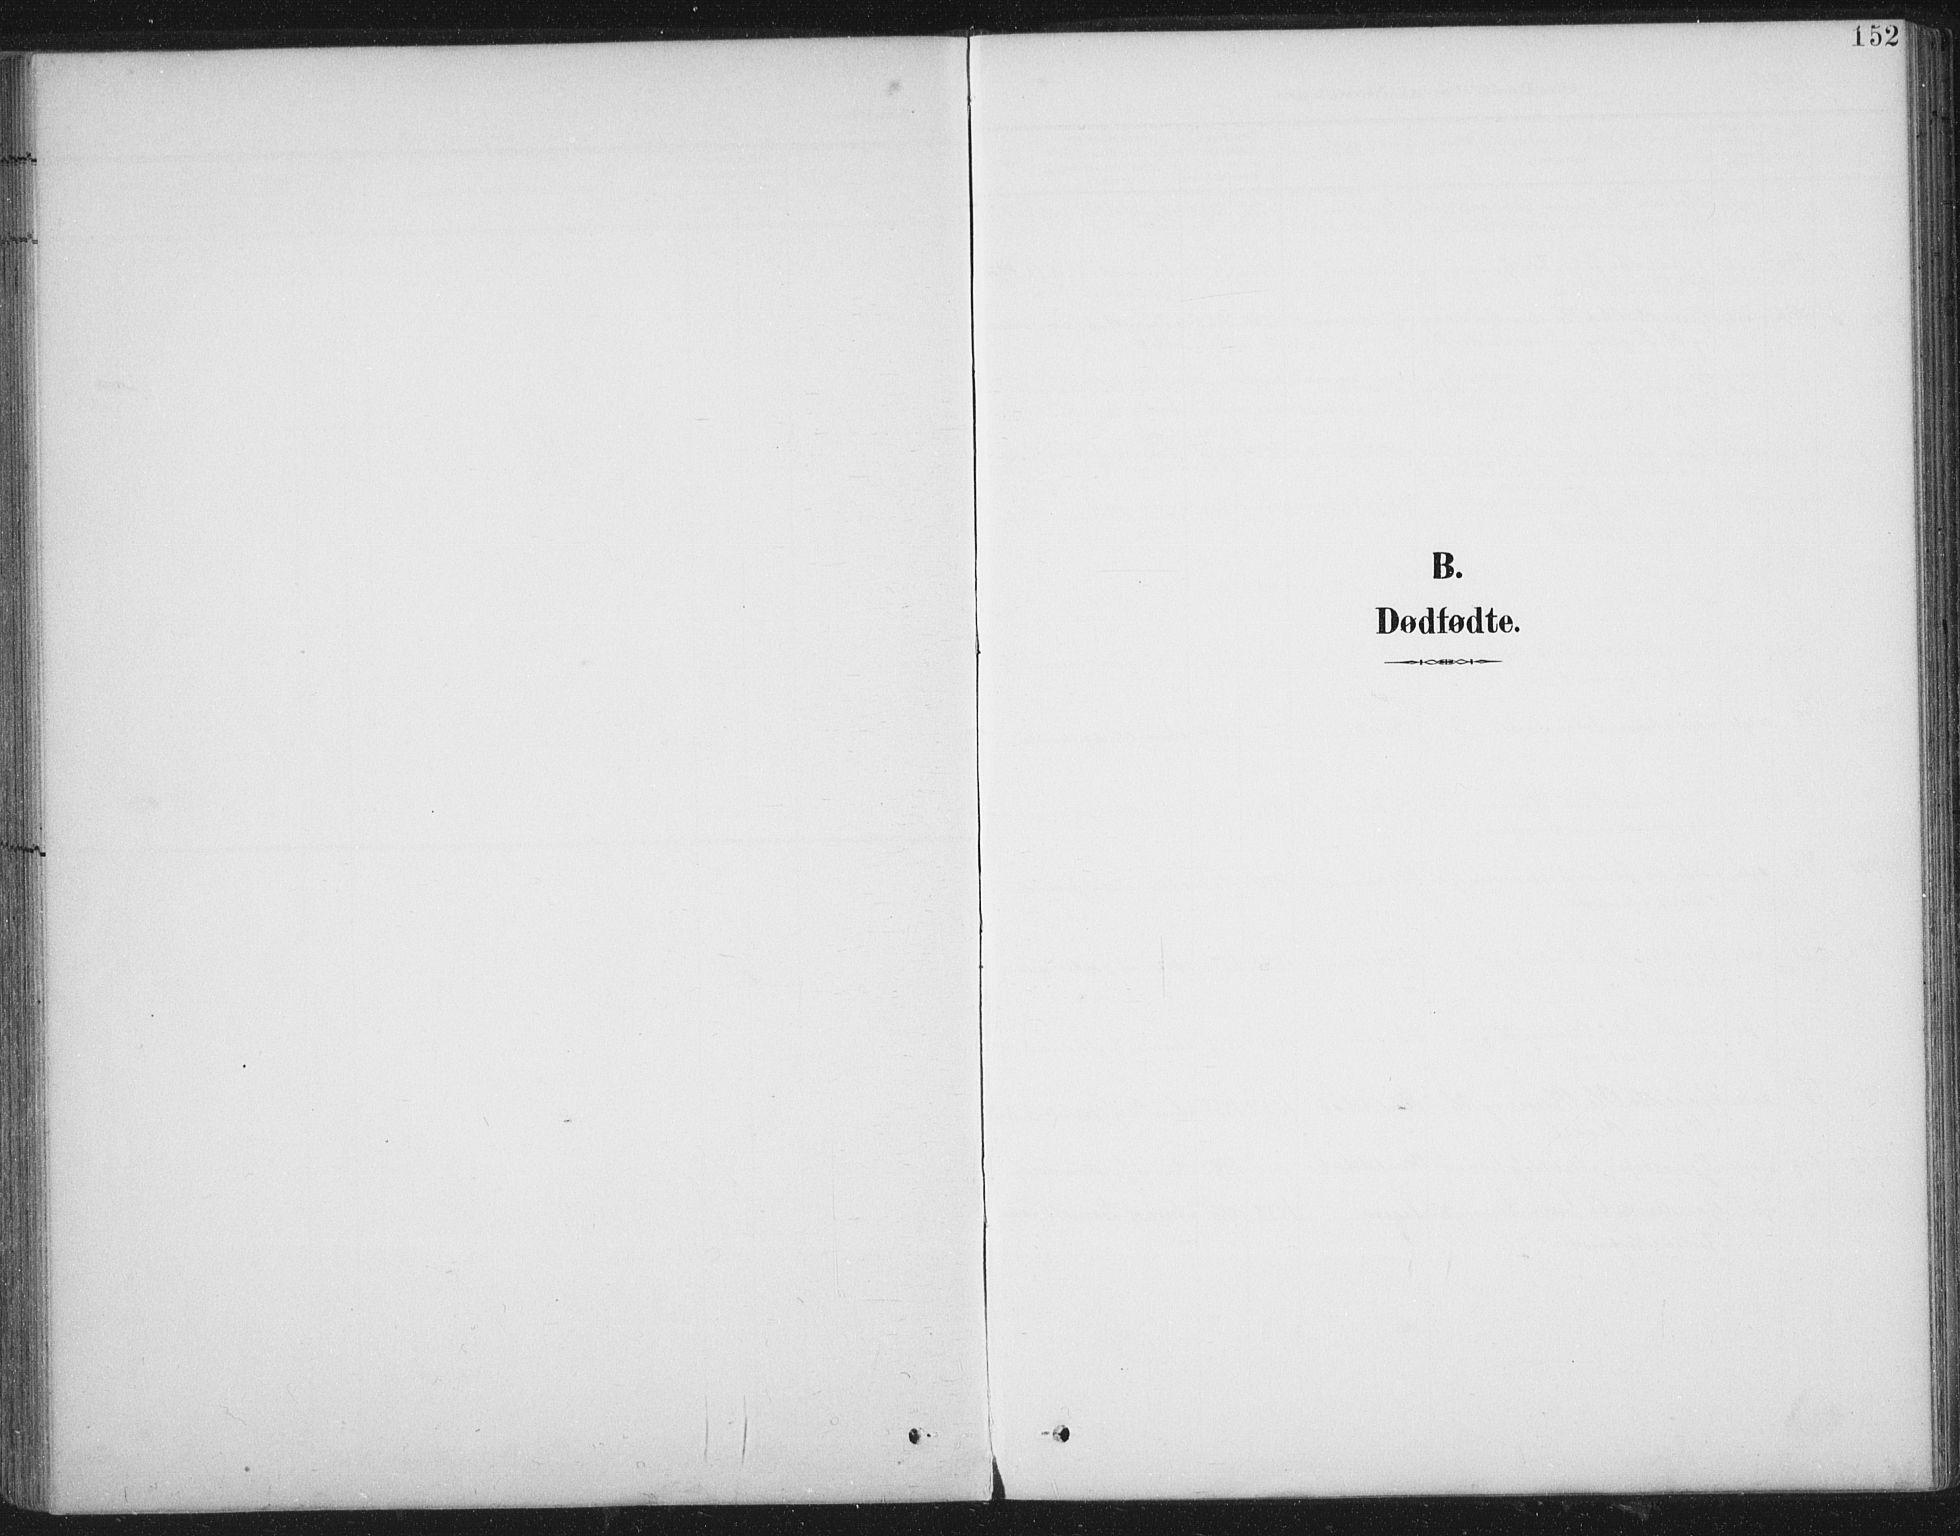 SAT, Ministerialprotokoller, klokkerbøker og fødselsregistre - Nord-Trøndelag, 724/L0269: Klokkerbok nr. 724C05, 1899-1920, s. 152